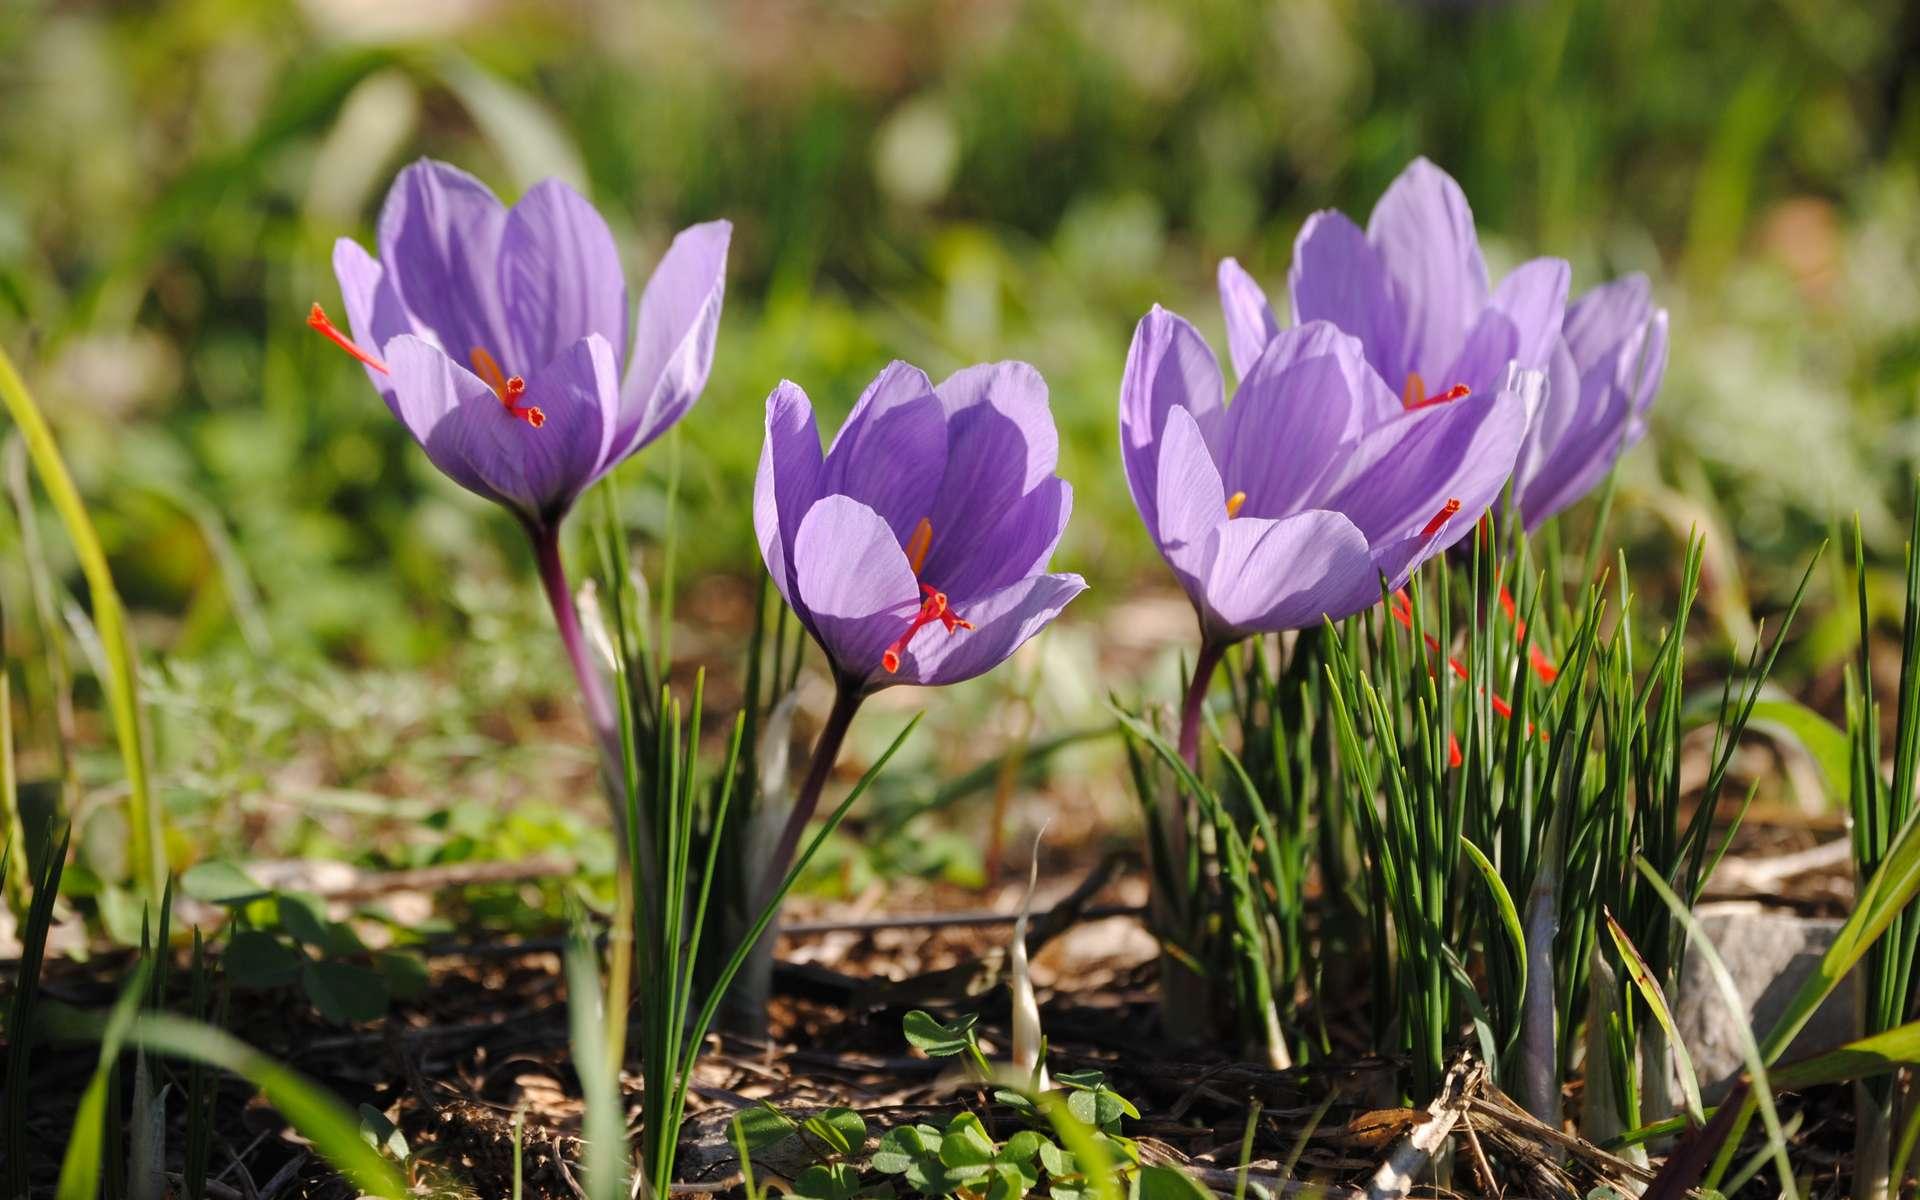 Crocus sativus peut se cultiver dans son carré de jardin. Ses filaments sont précieux et donnent la fameuse épice « safran » que l'on appelle aussi « or rouge. © Robert Casacci, Adobe Stock